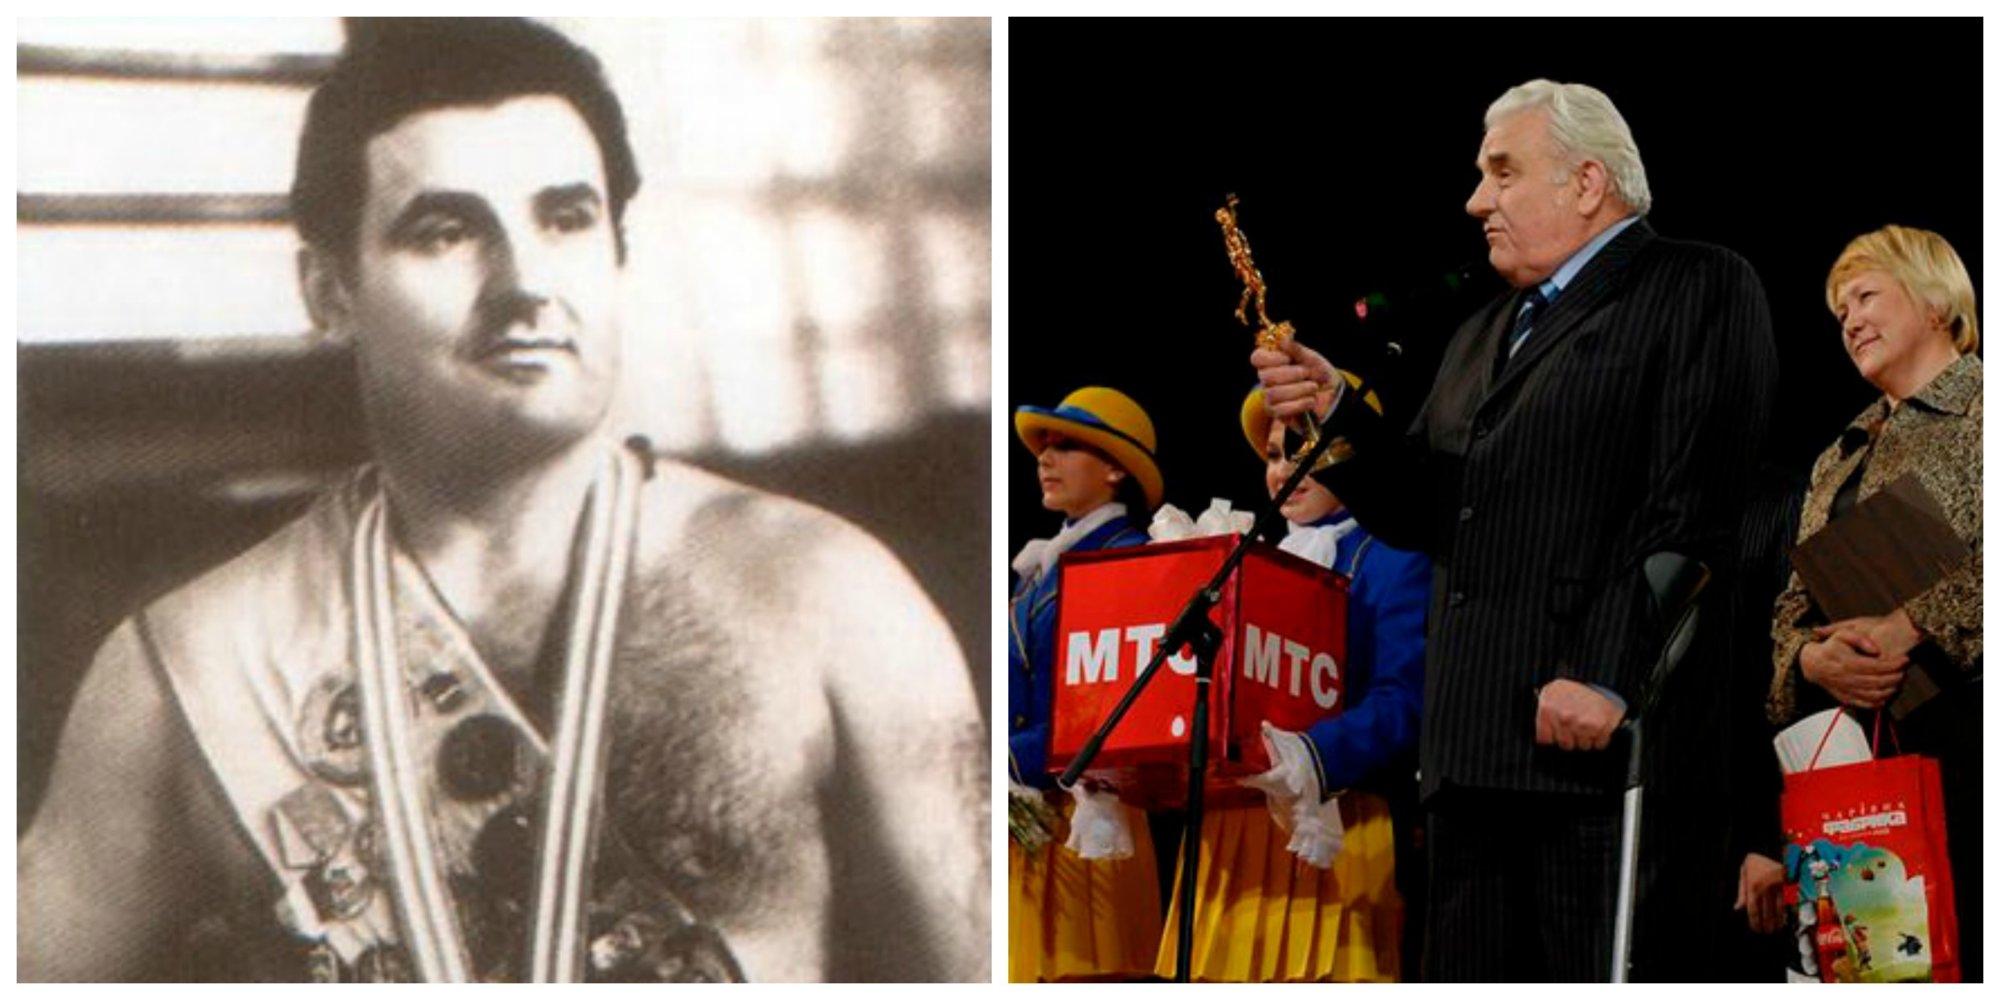 Легенда украинского спорта продал золотую олимпийскую медаль за 3,5 тысячи долларов